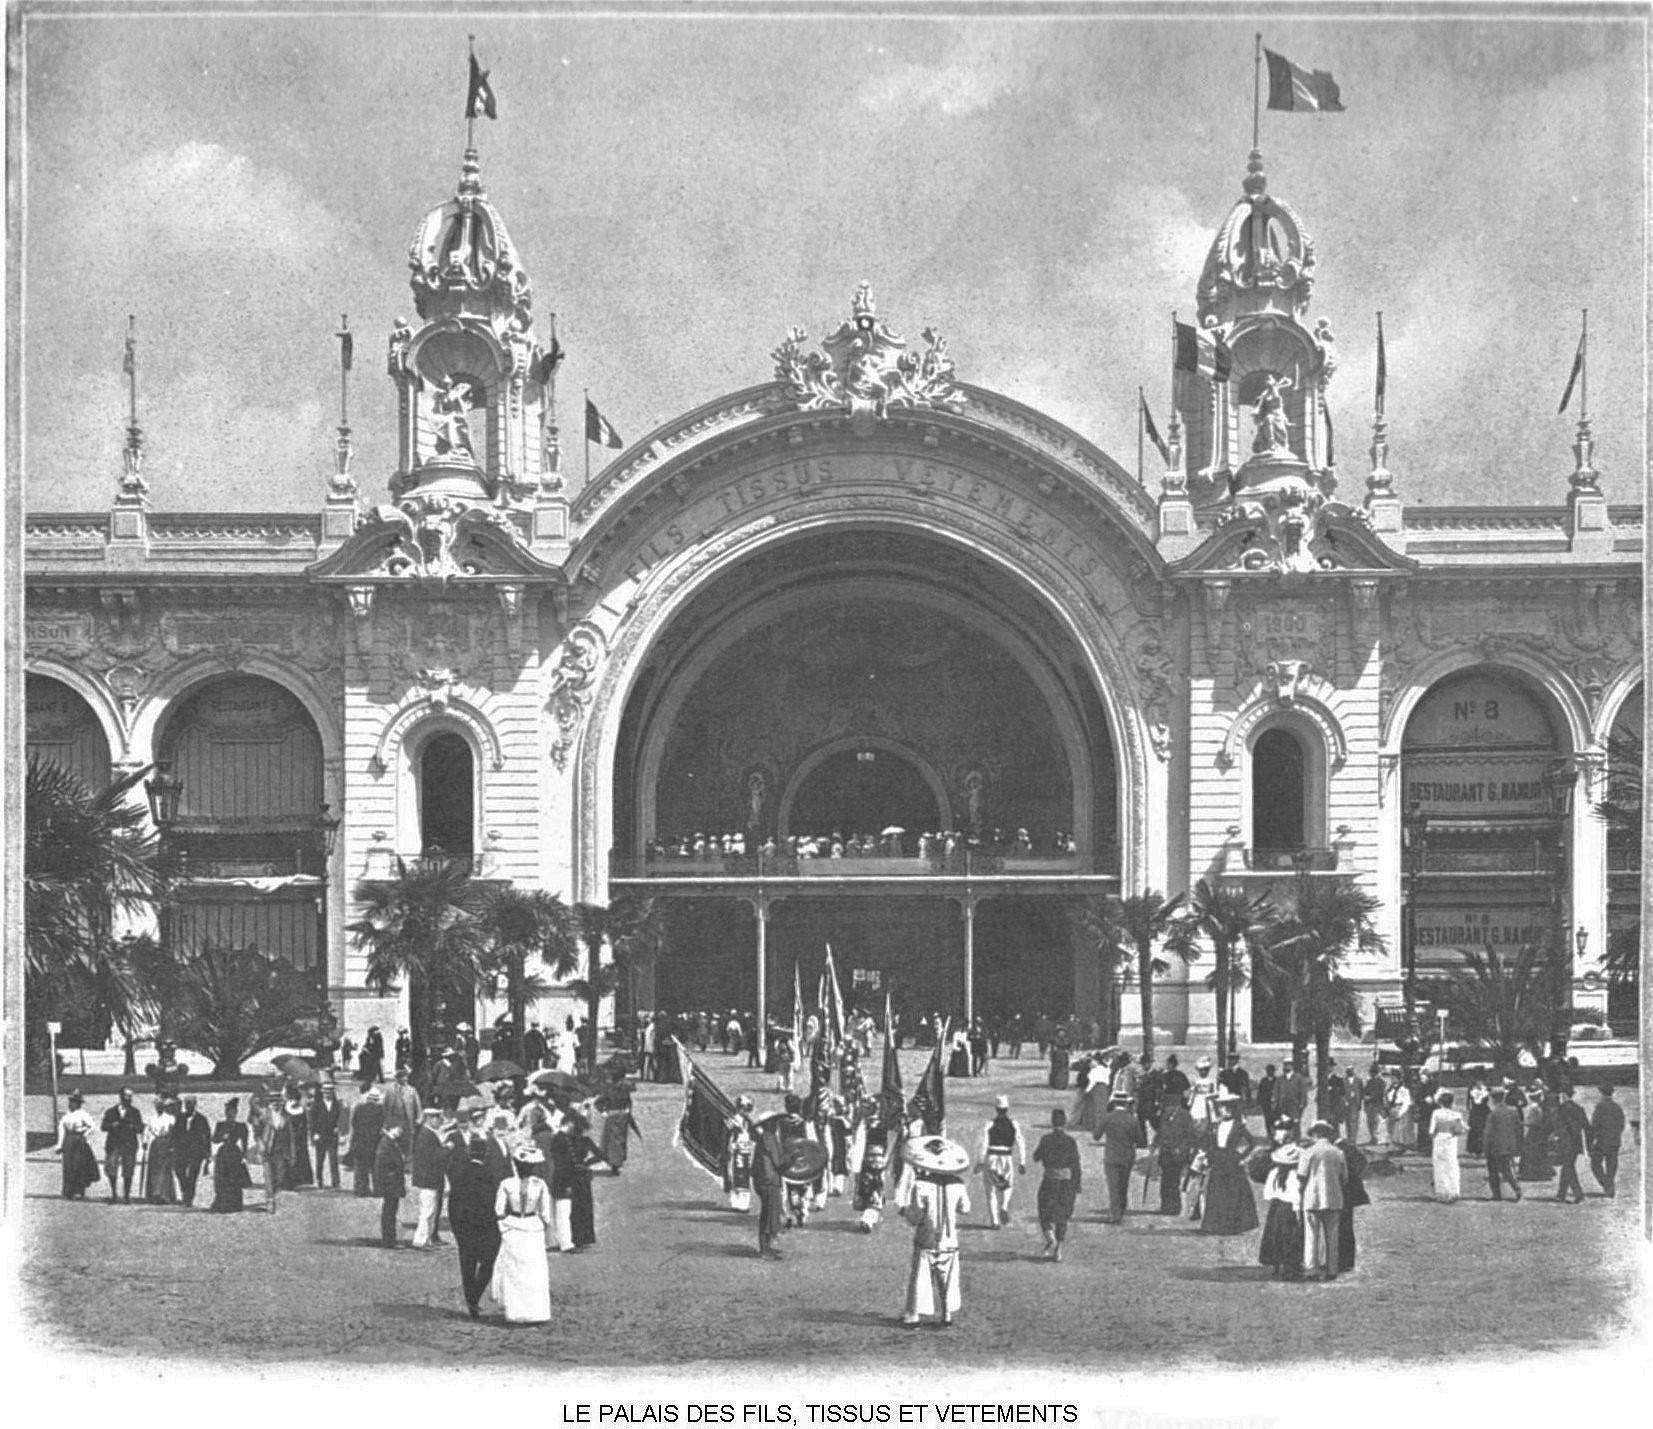 Ressources histoire exposition universelle 1900 le palais des fils tissus et vetements